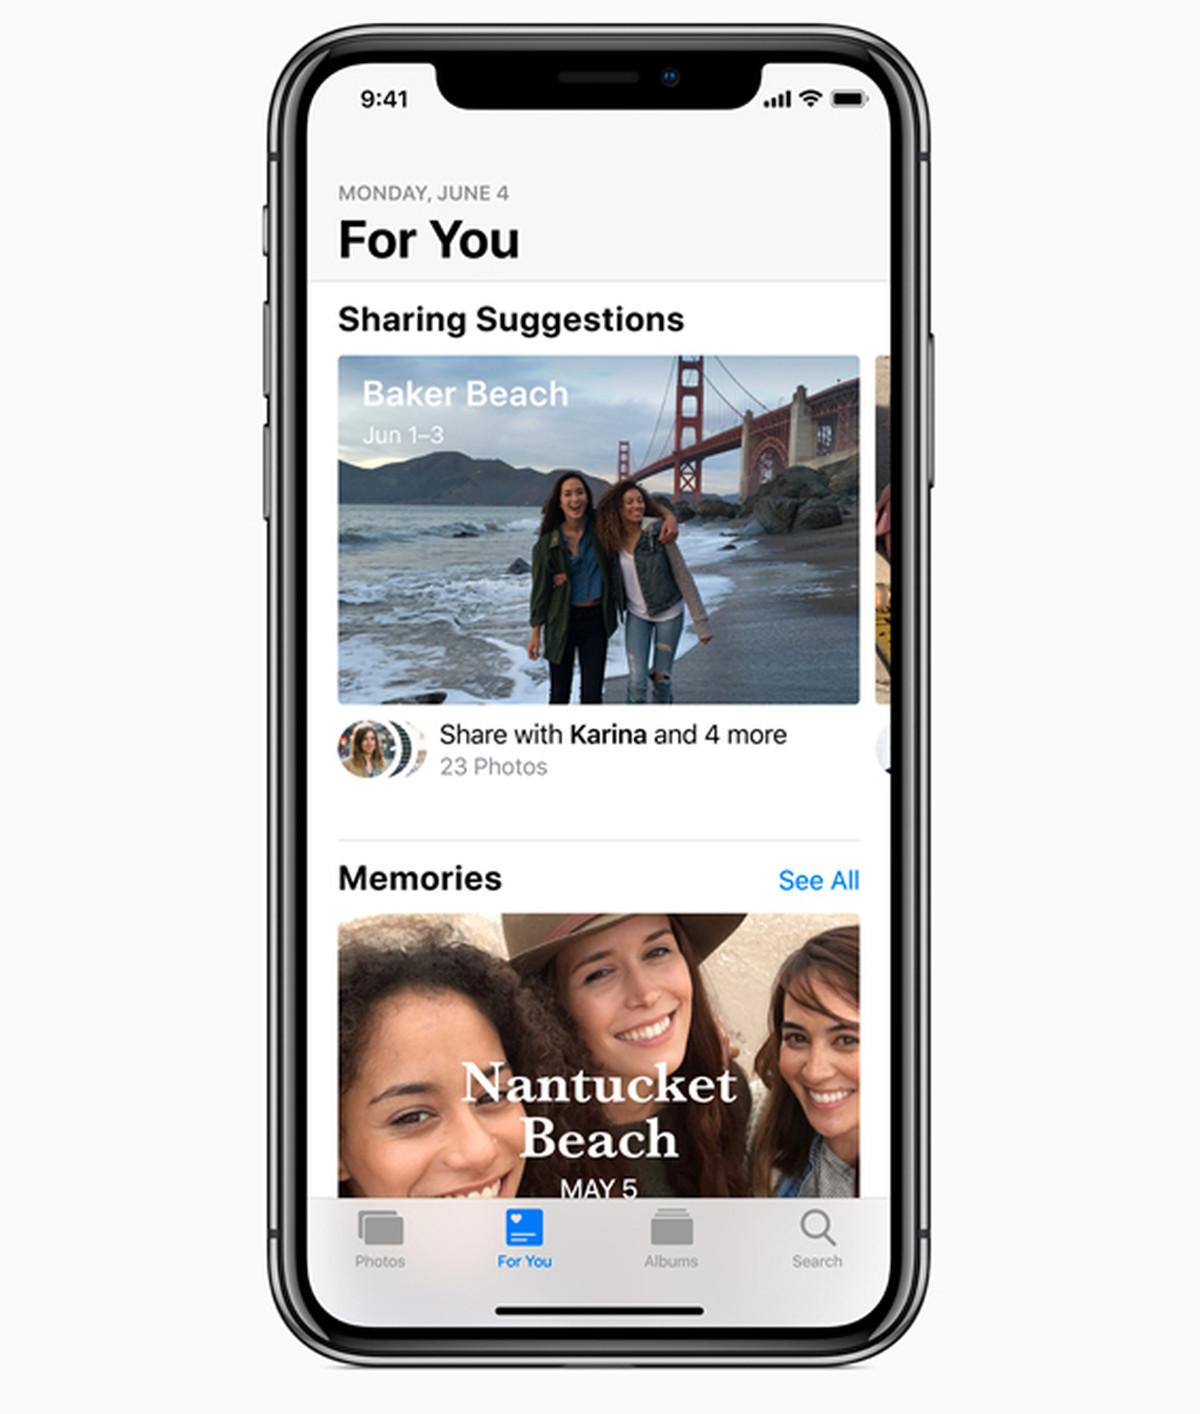 a5565e23281 A los amigos que reciben fotos se les pide que compartan sus propias fotos  y vídeos del mismo evento. Muchas de estas nuevas funciones son un claro  intento ...